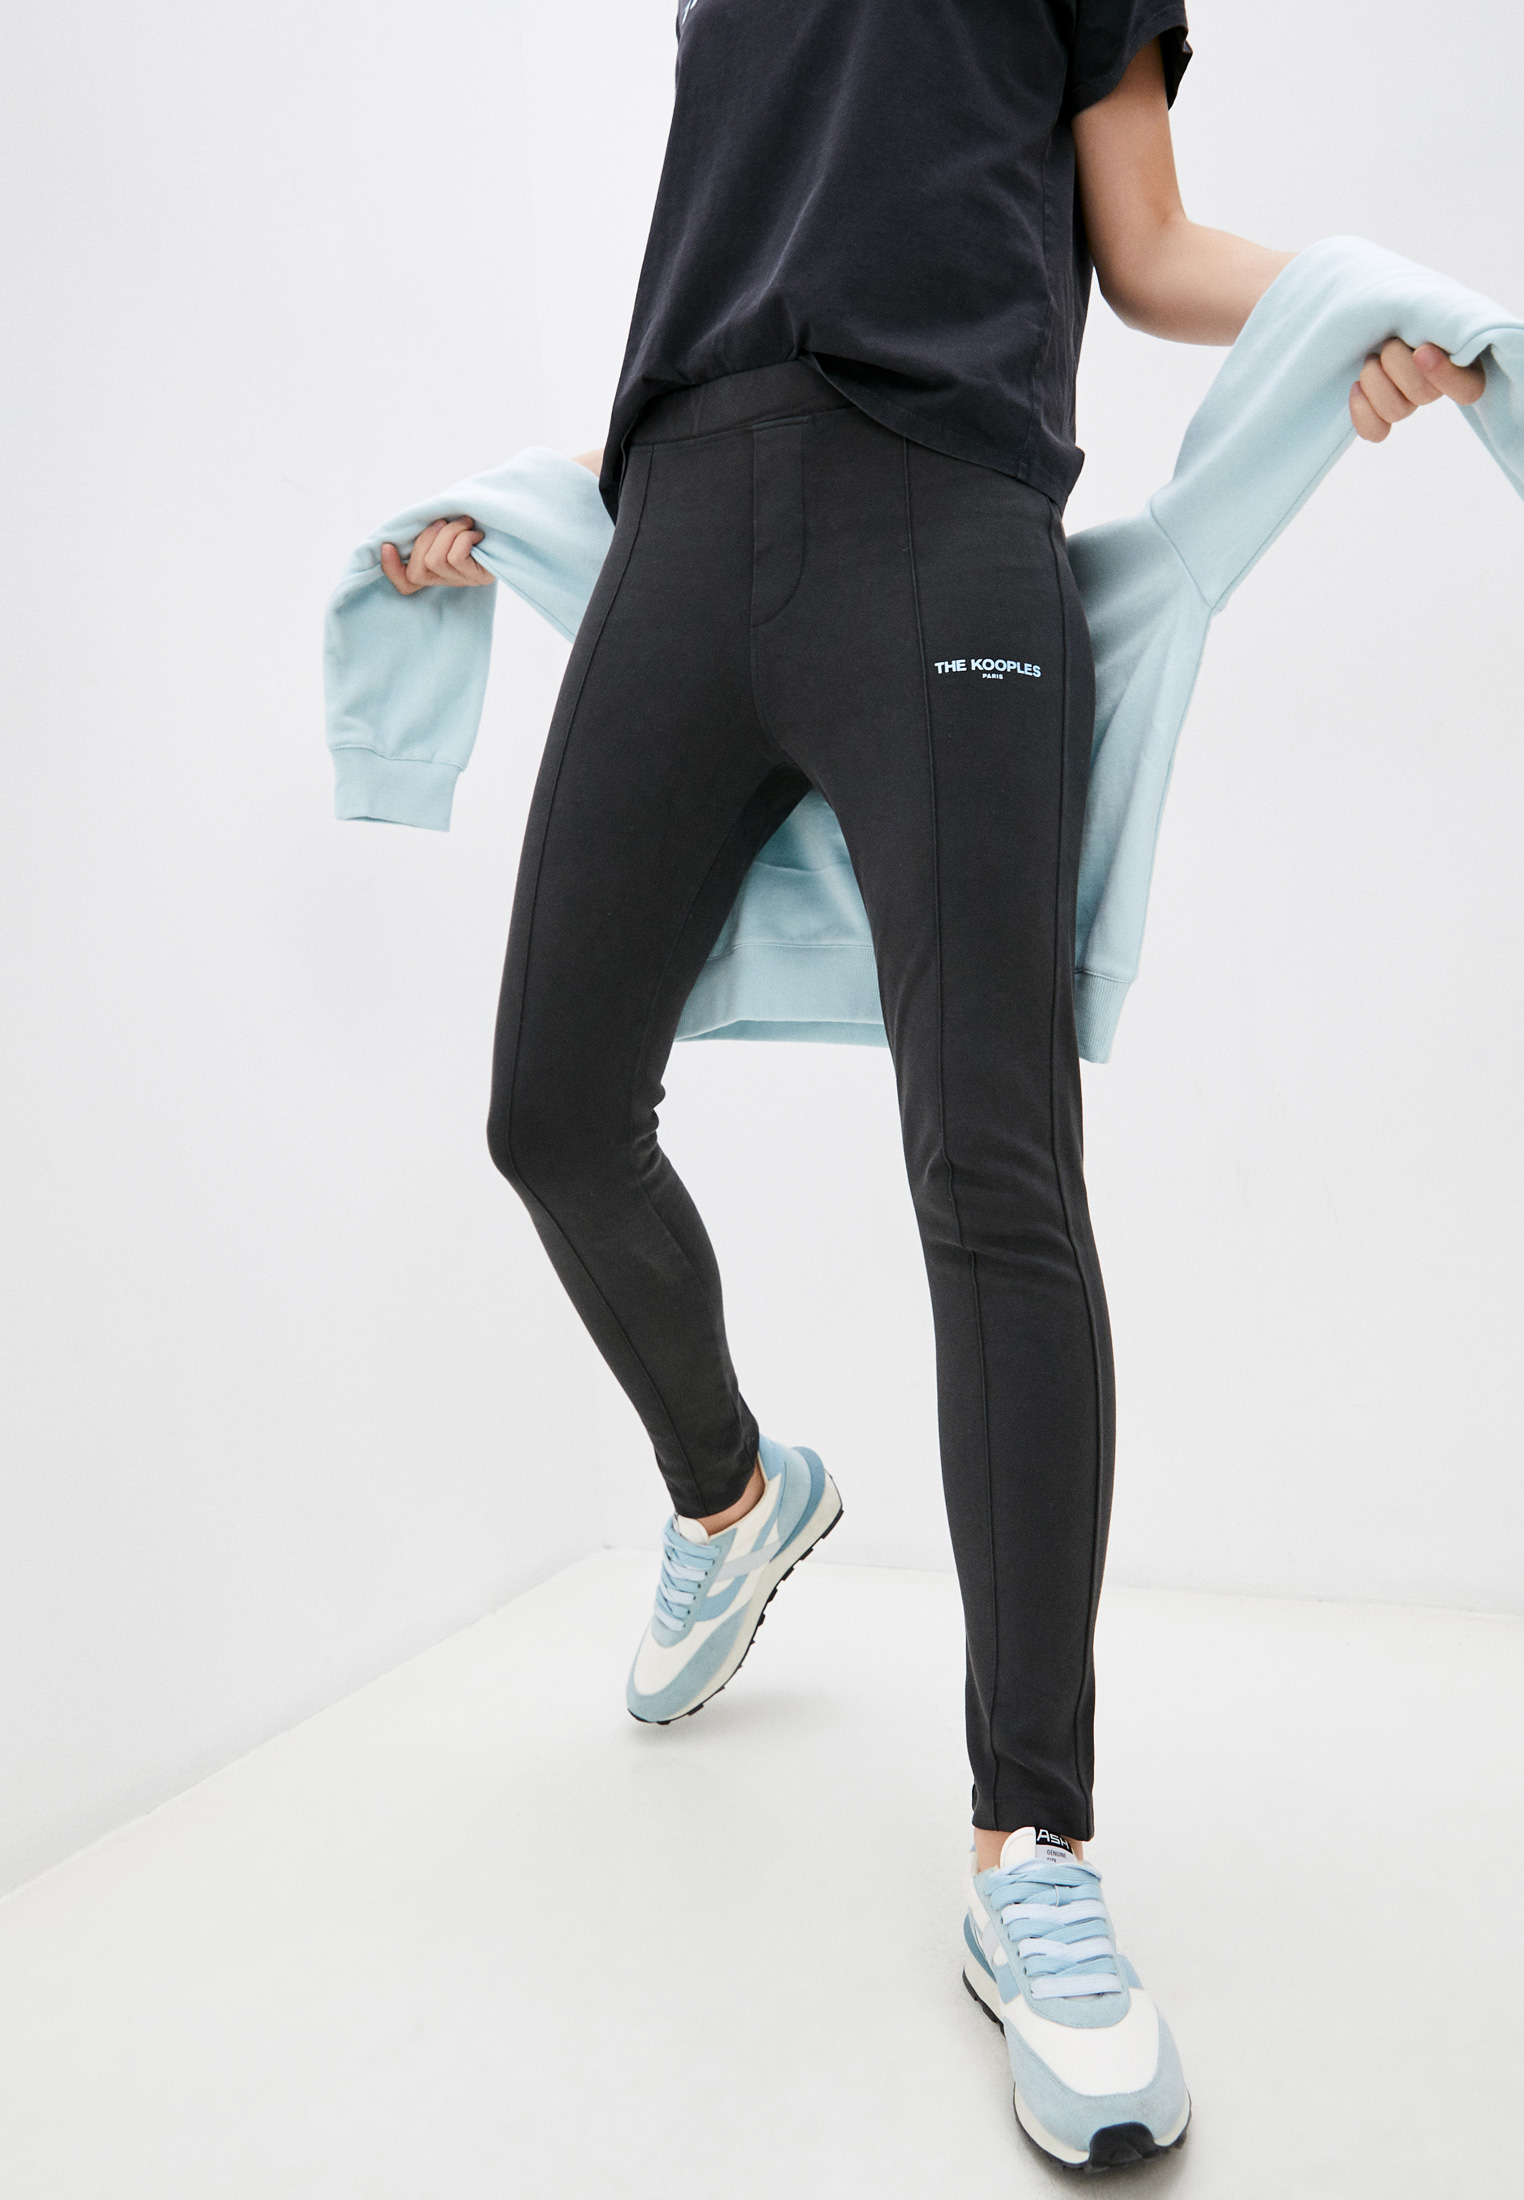 Женские спортивные брюки The Kooples Брюки спортивные The Kooples